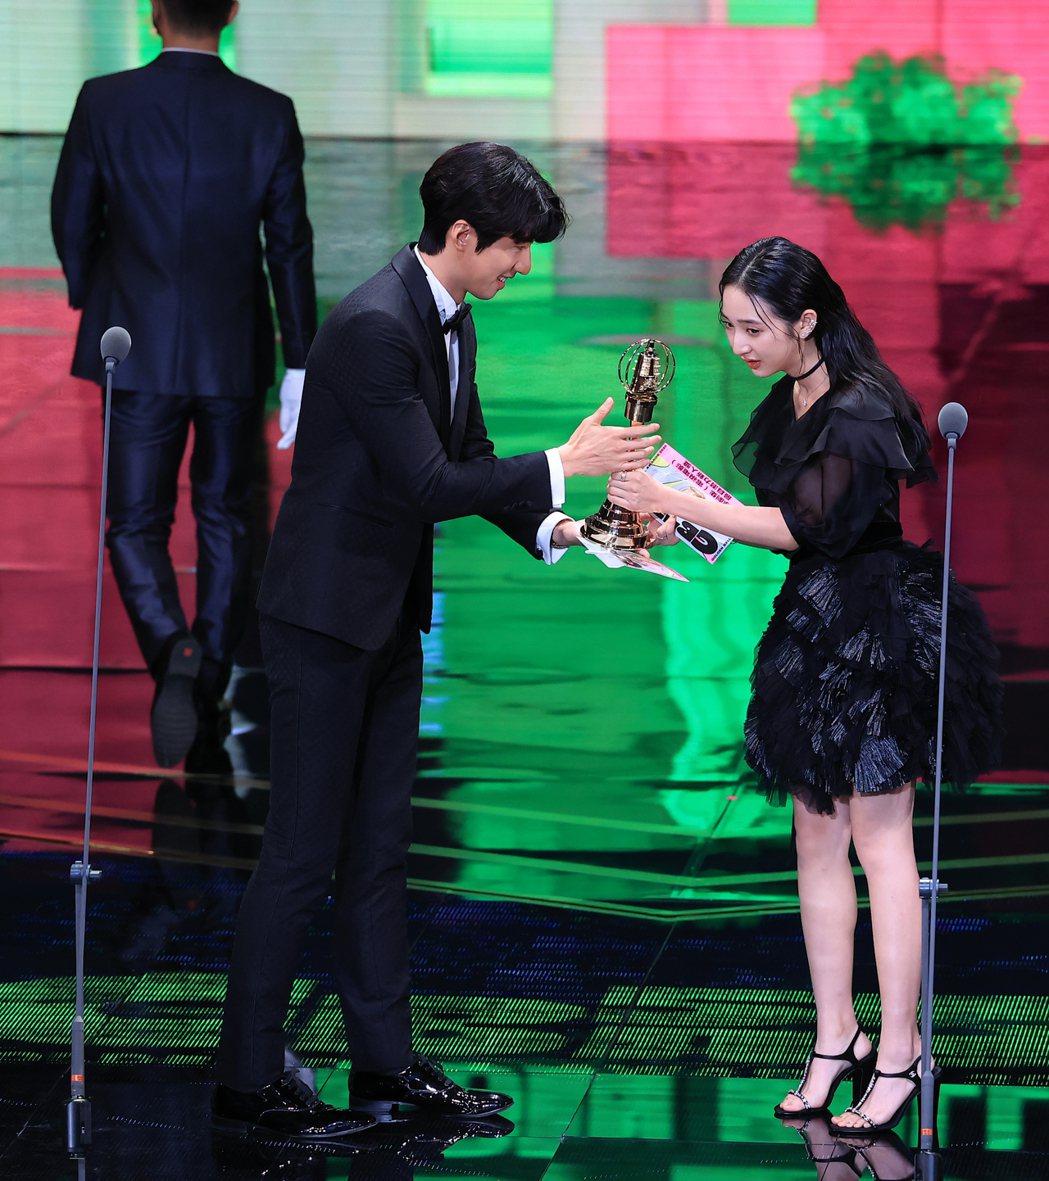 第55屆金鐘獎頒獎典禮在國父紀念館舉行,戲劇節目最具潛力新人獎由李沐以「誰是被害...